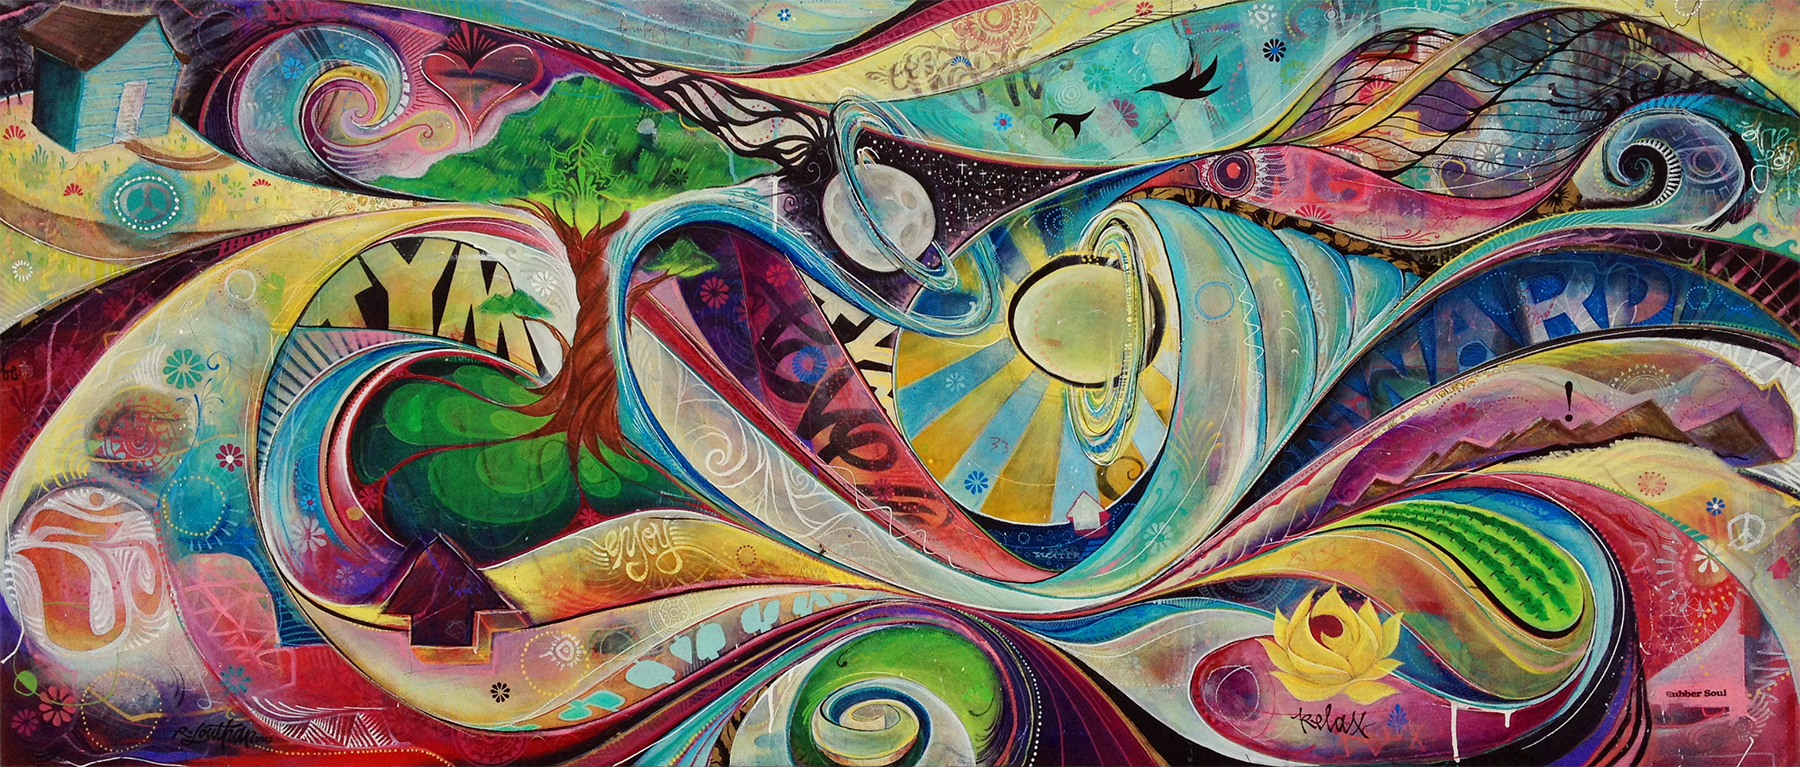 'Rubbersoul' Acrylic/Aerosol on canvas. 30h x 72w. 2012